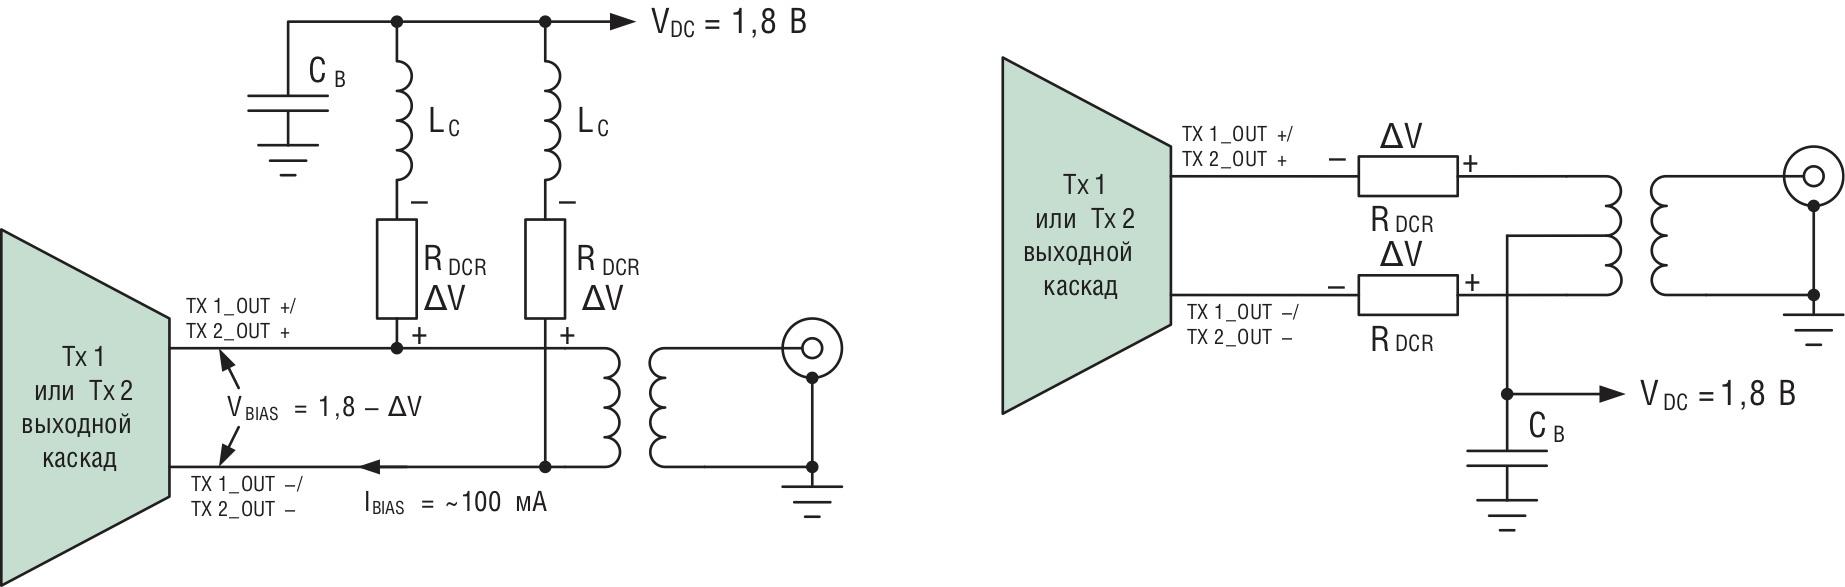 Варианты подключения выходных каскадов передатчиков ADRV9008/ADRV9009 для систем SDR